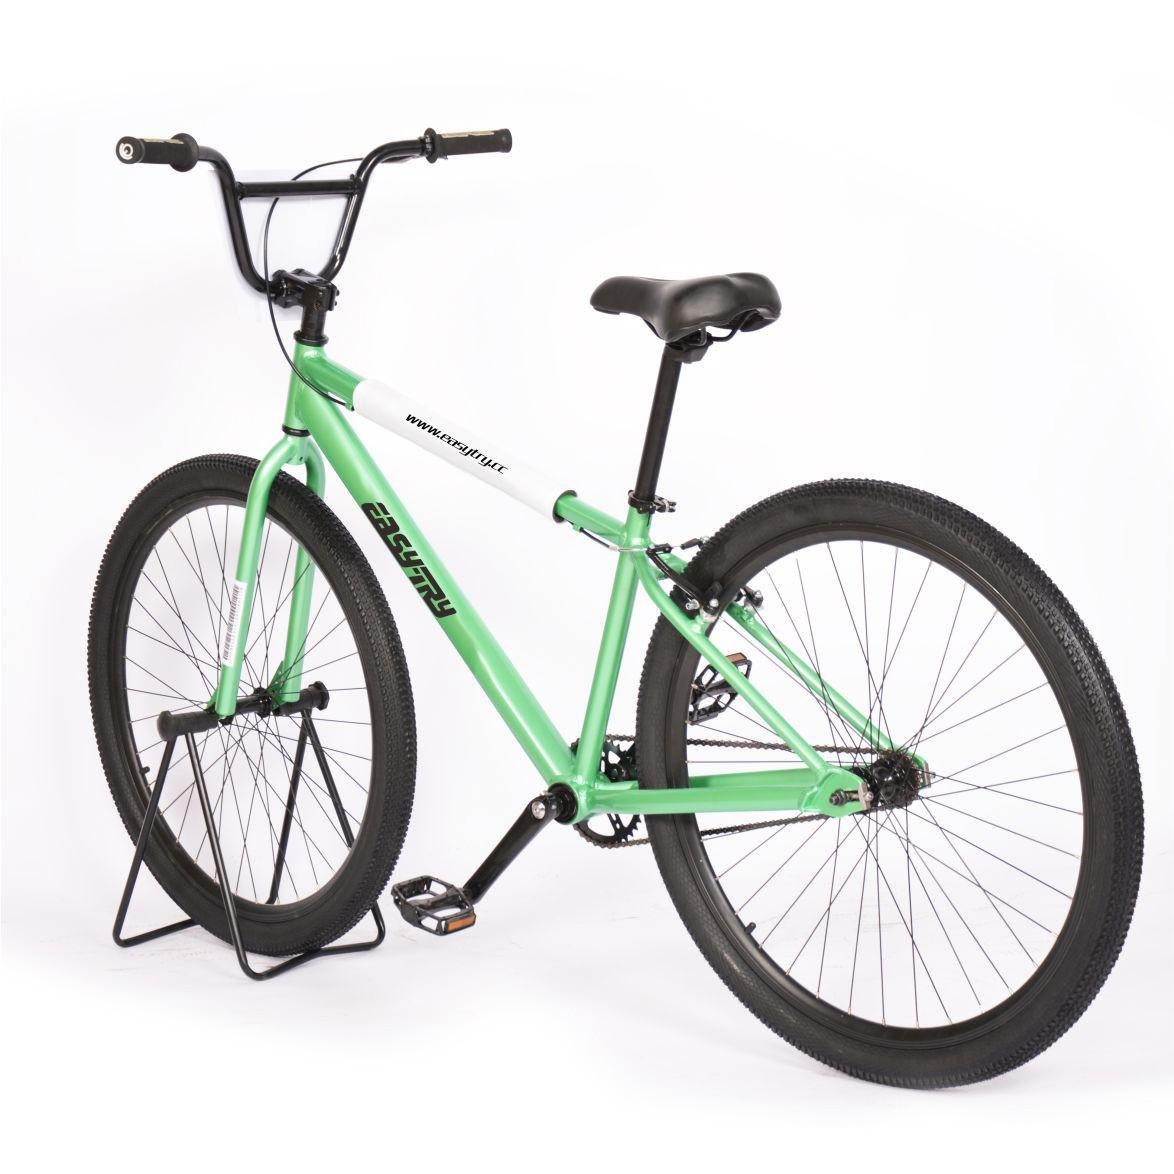 شراء 29 بوصة سبائك الألومنيوم الإطار سرعة واحدة دراجة Bmx ,29 بوصة سبائك الألومنيوم الإطار سرعة واحدة دراجة Bmx الأسعار ·29 بوصة سبائك الألومنيوم الإطار سرعة واحدة دراجة Bmx العلامات التجارية ,29 بوصة سبائك الألومنيوم الإطار سرعة واحدة دراجة Bmx الصانع ,29 بوصة سبائك الألومنيوم الإطار سرعة واحدة دراجة Bmx اقتباس ·29 بوصة سبائك الألومنيوم الإطار سرعة واحدة دراجة Bmx الشركة